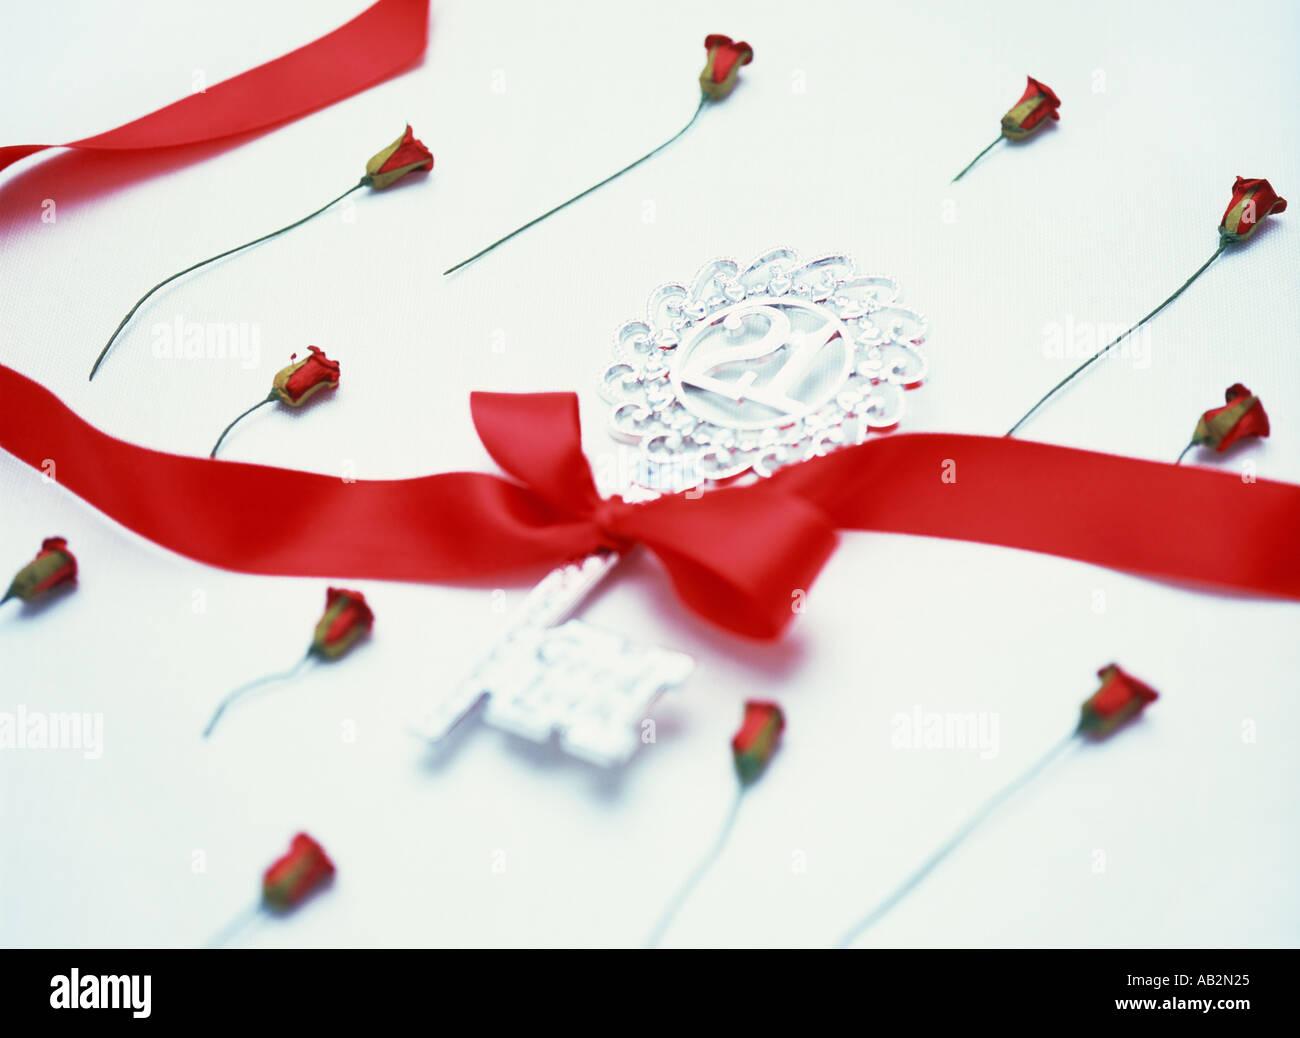 21st birthday celebration key and roses - Stock Image